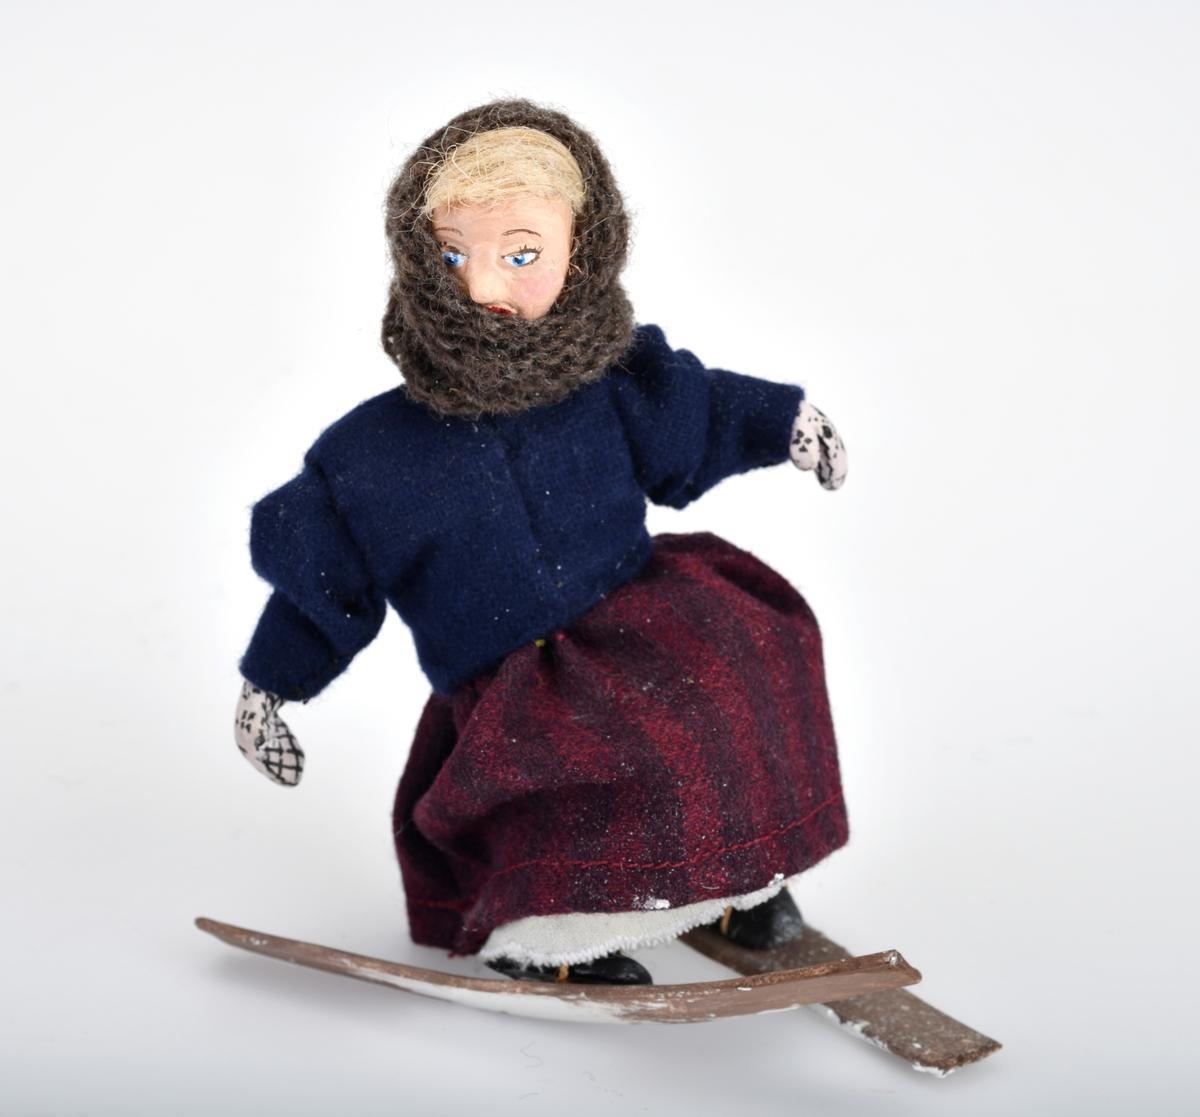 Liten damefigur med ski på beina.